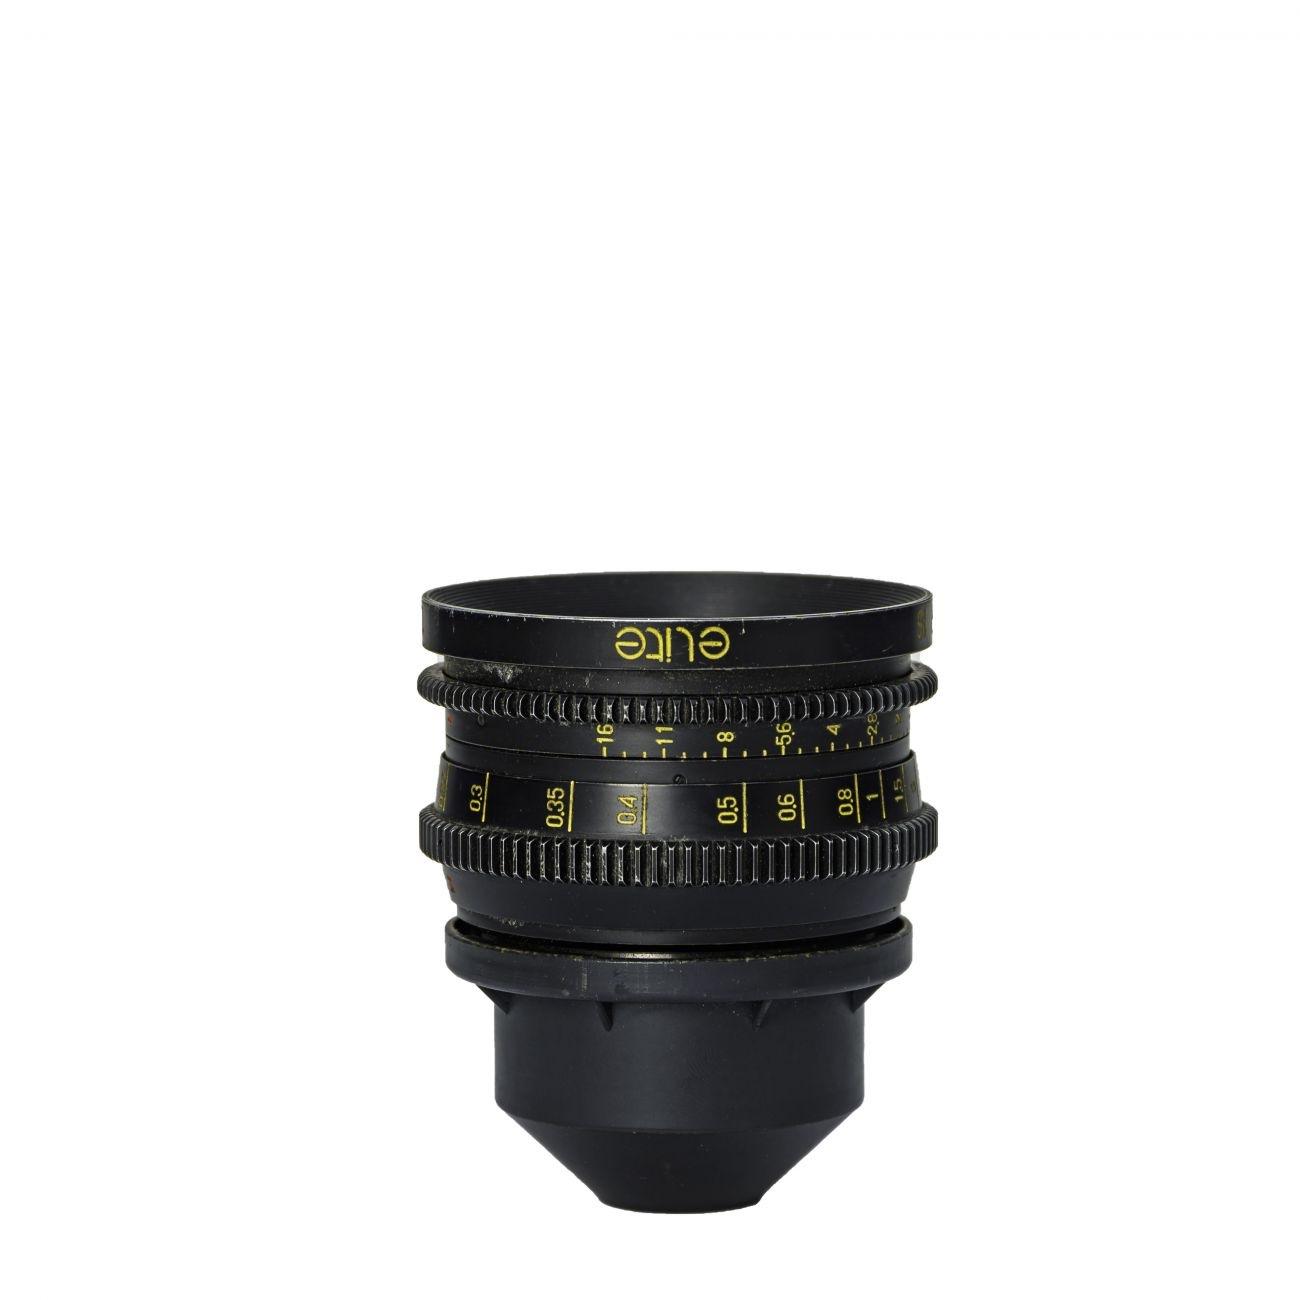 8mm lens ELITE T1.3 S-16mm PL-mount